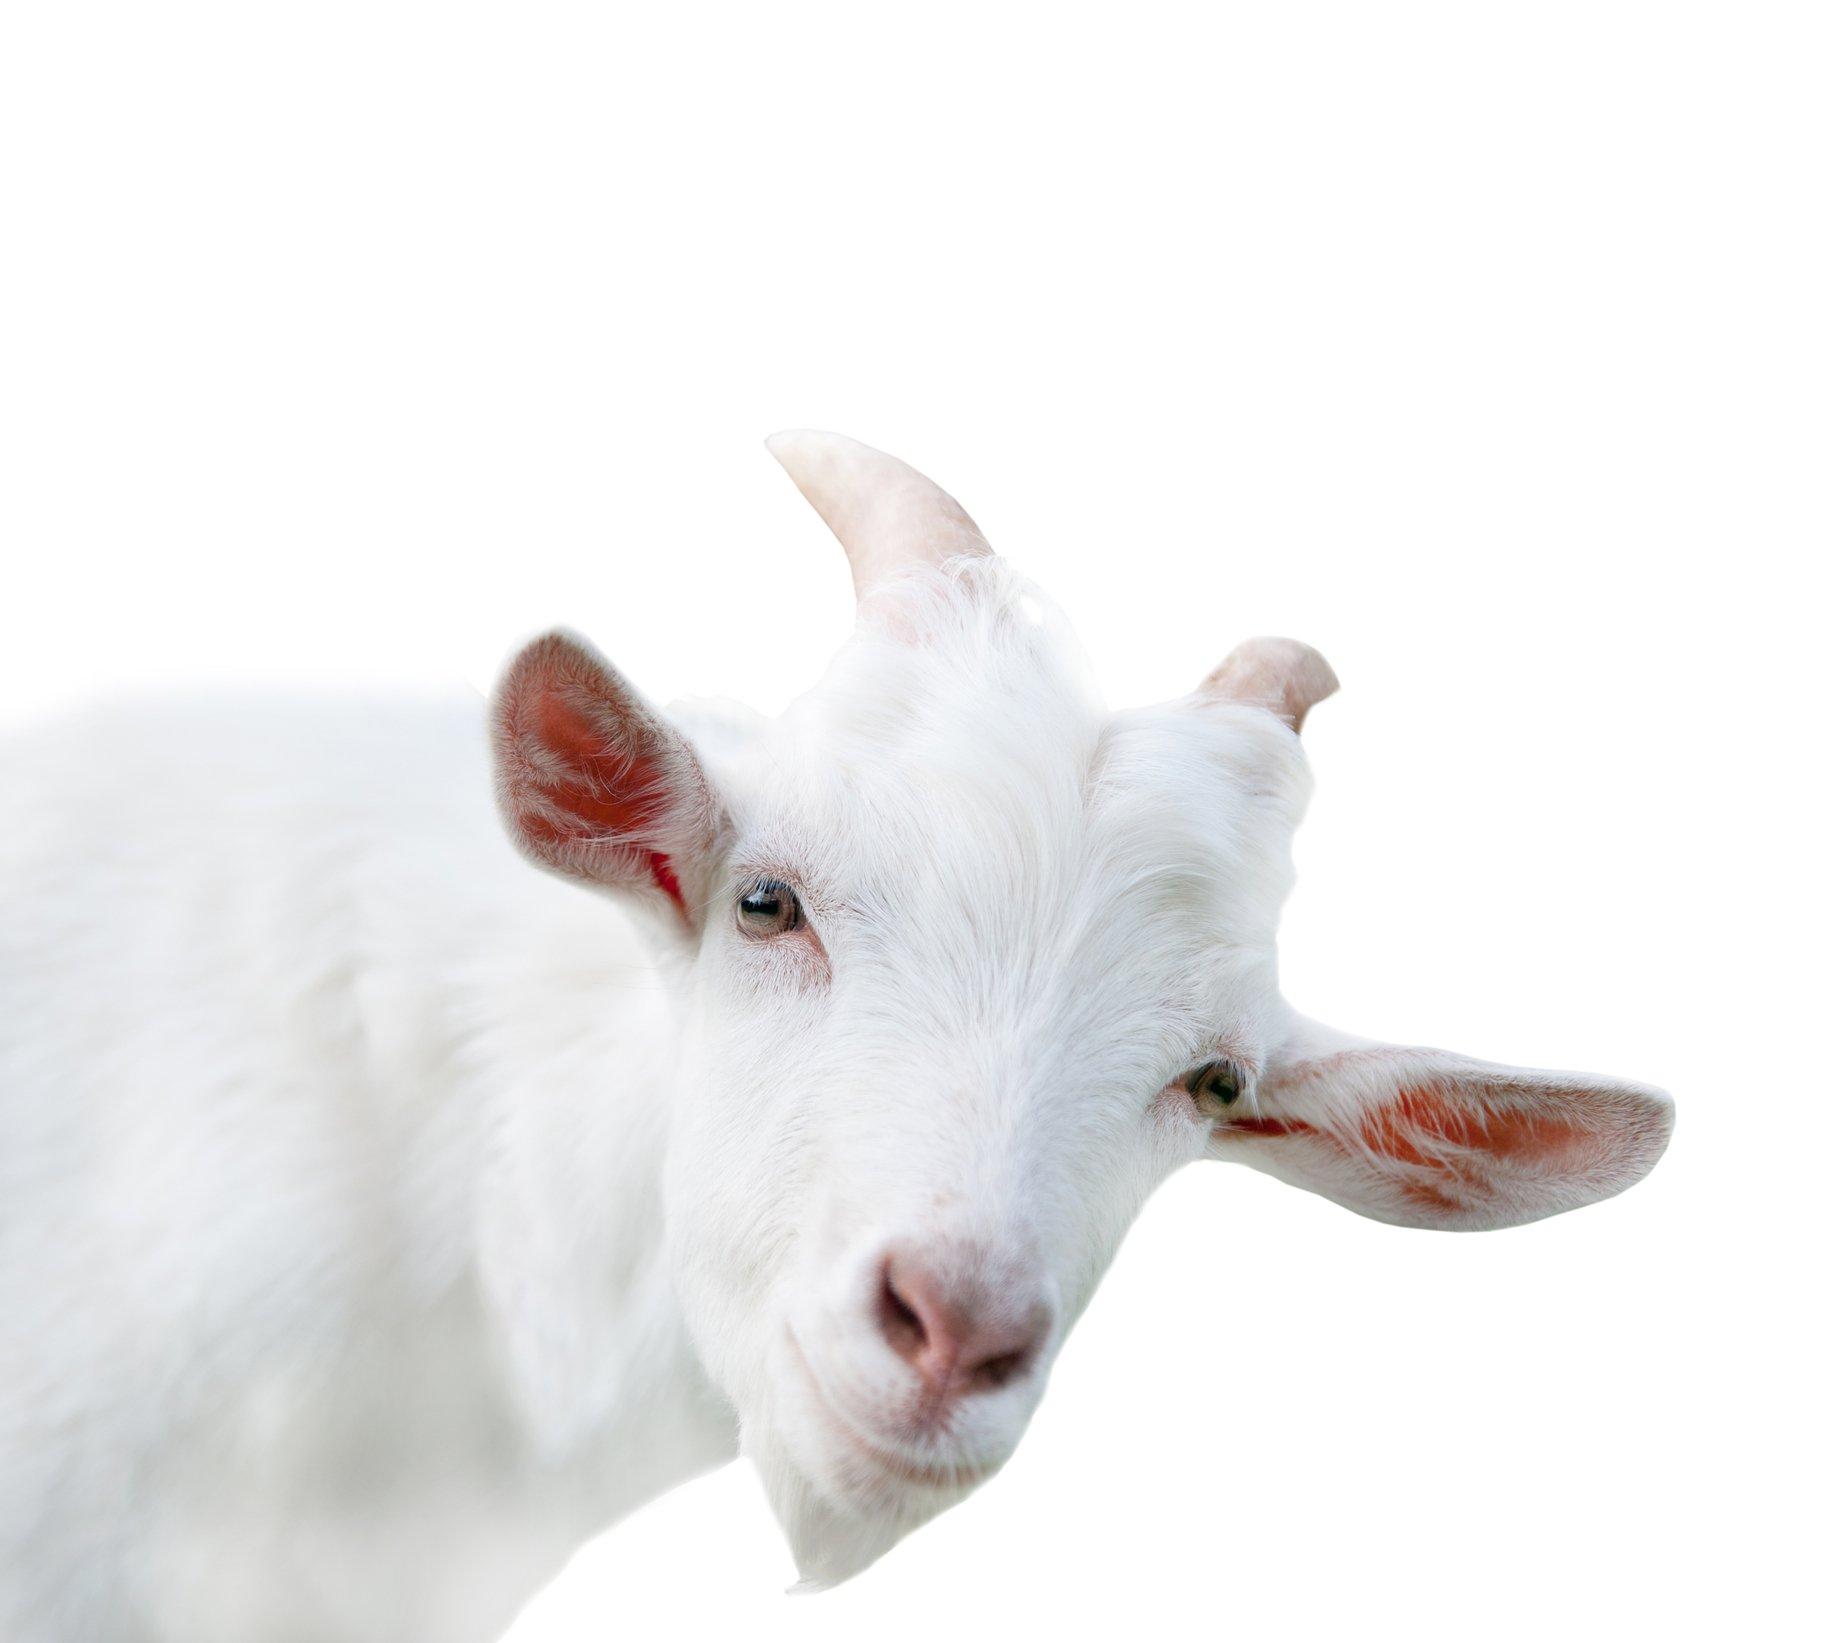 Apa itu susu kambing dan mitos susu kambing?